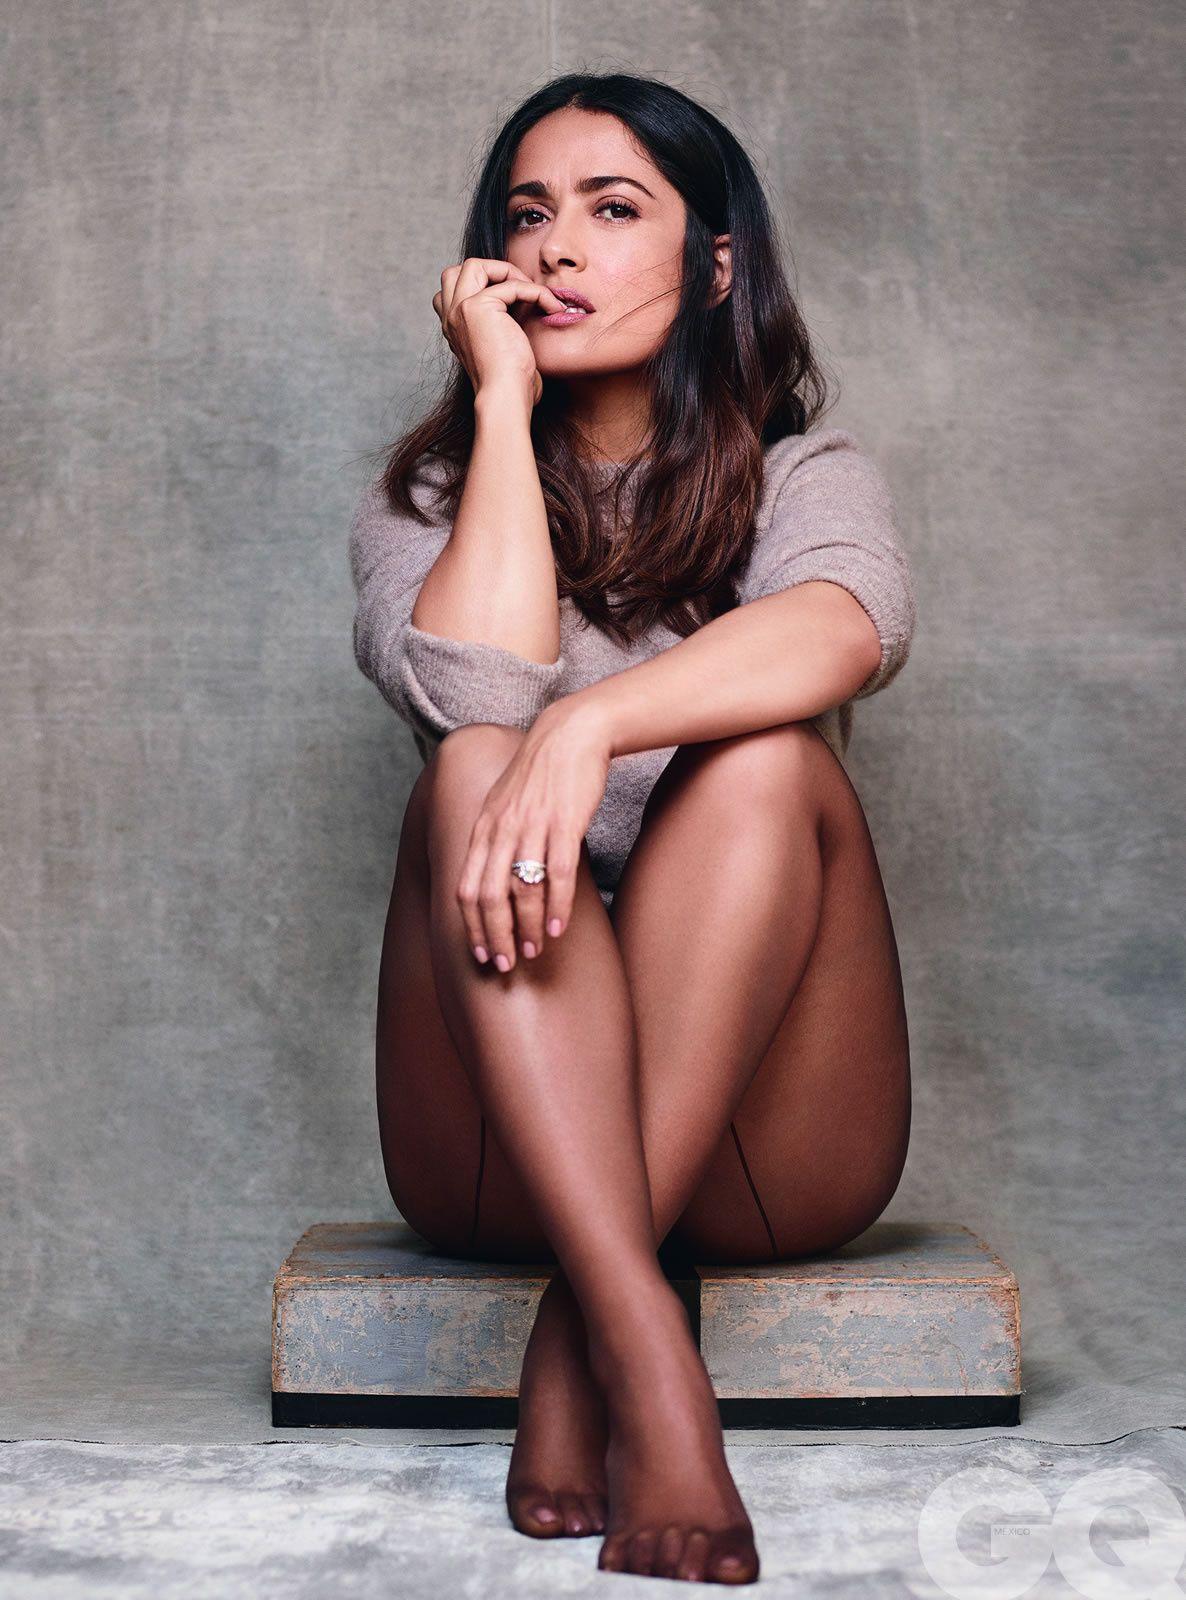 Salma Hayek Para Gq México Gqmx10 Salma Hayek Feet Salma Hayek Salma Hayek Pictures